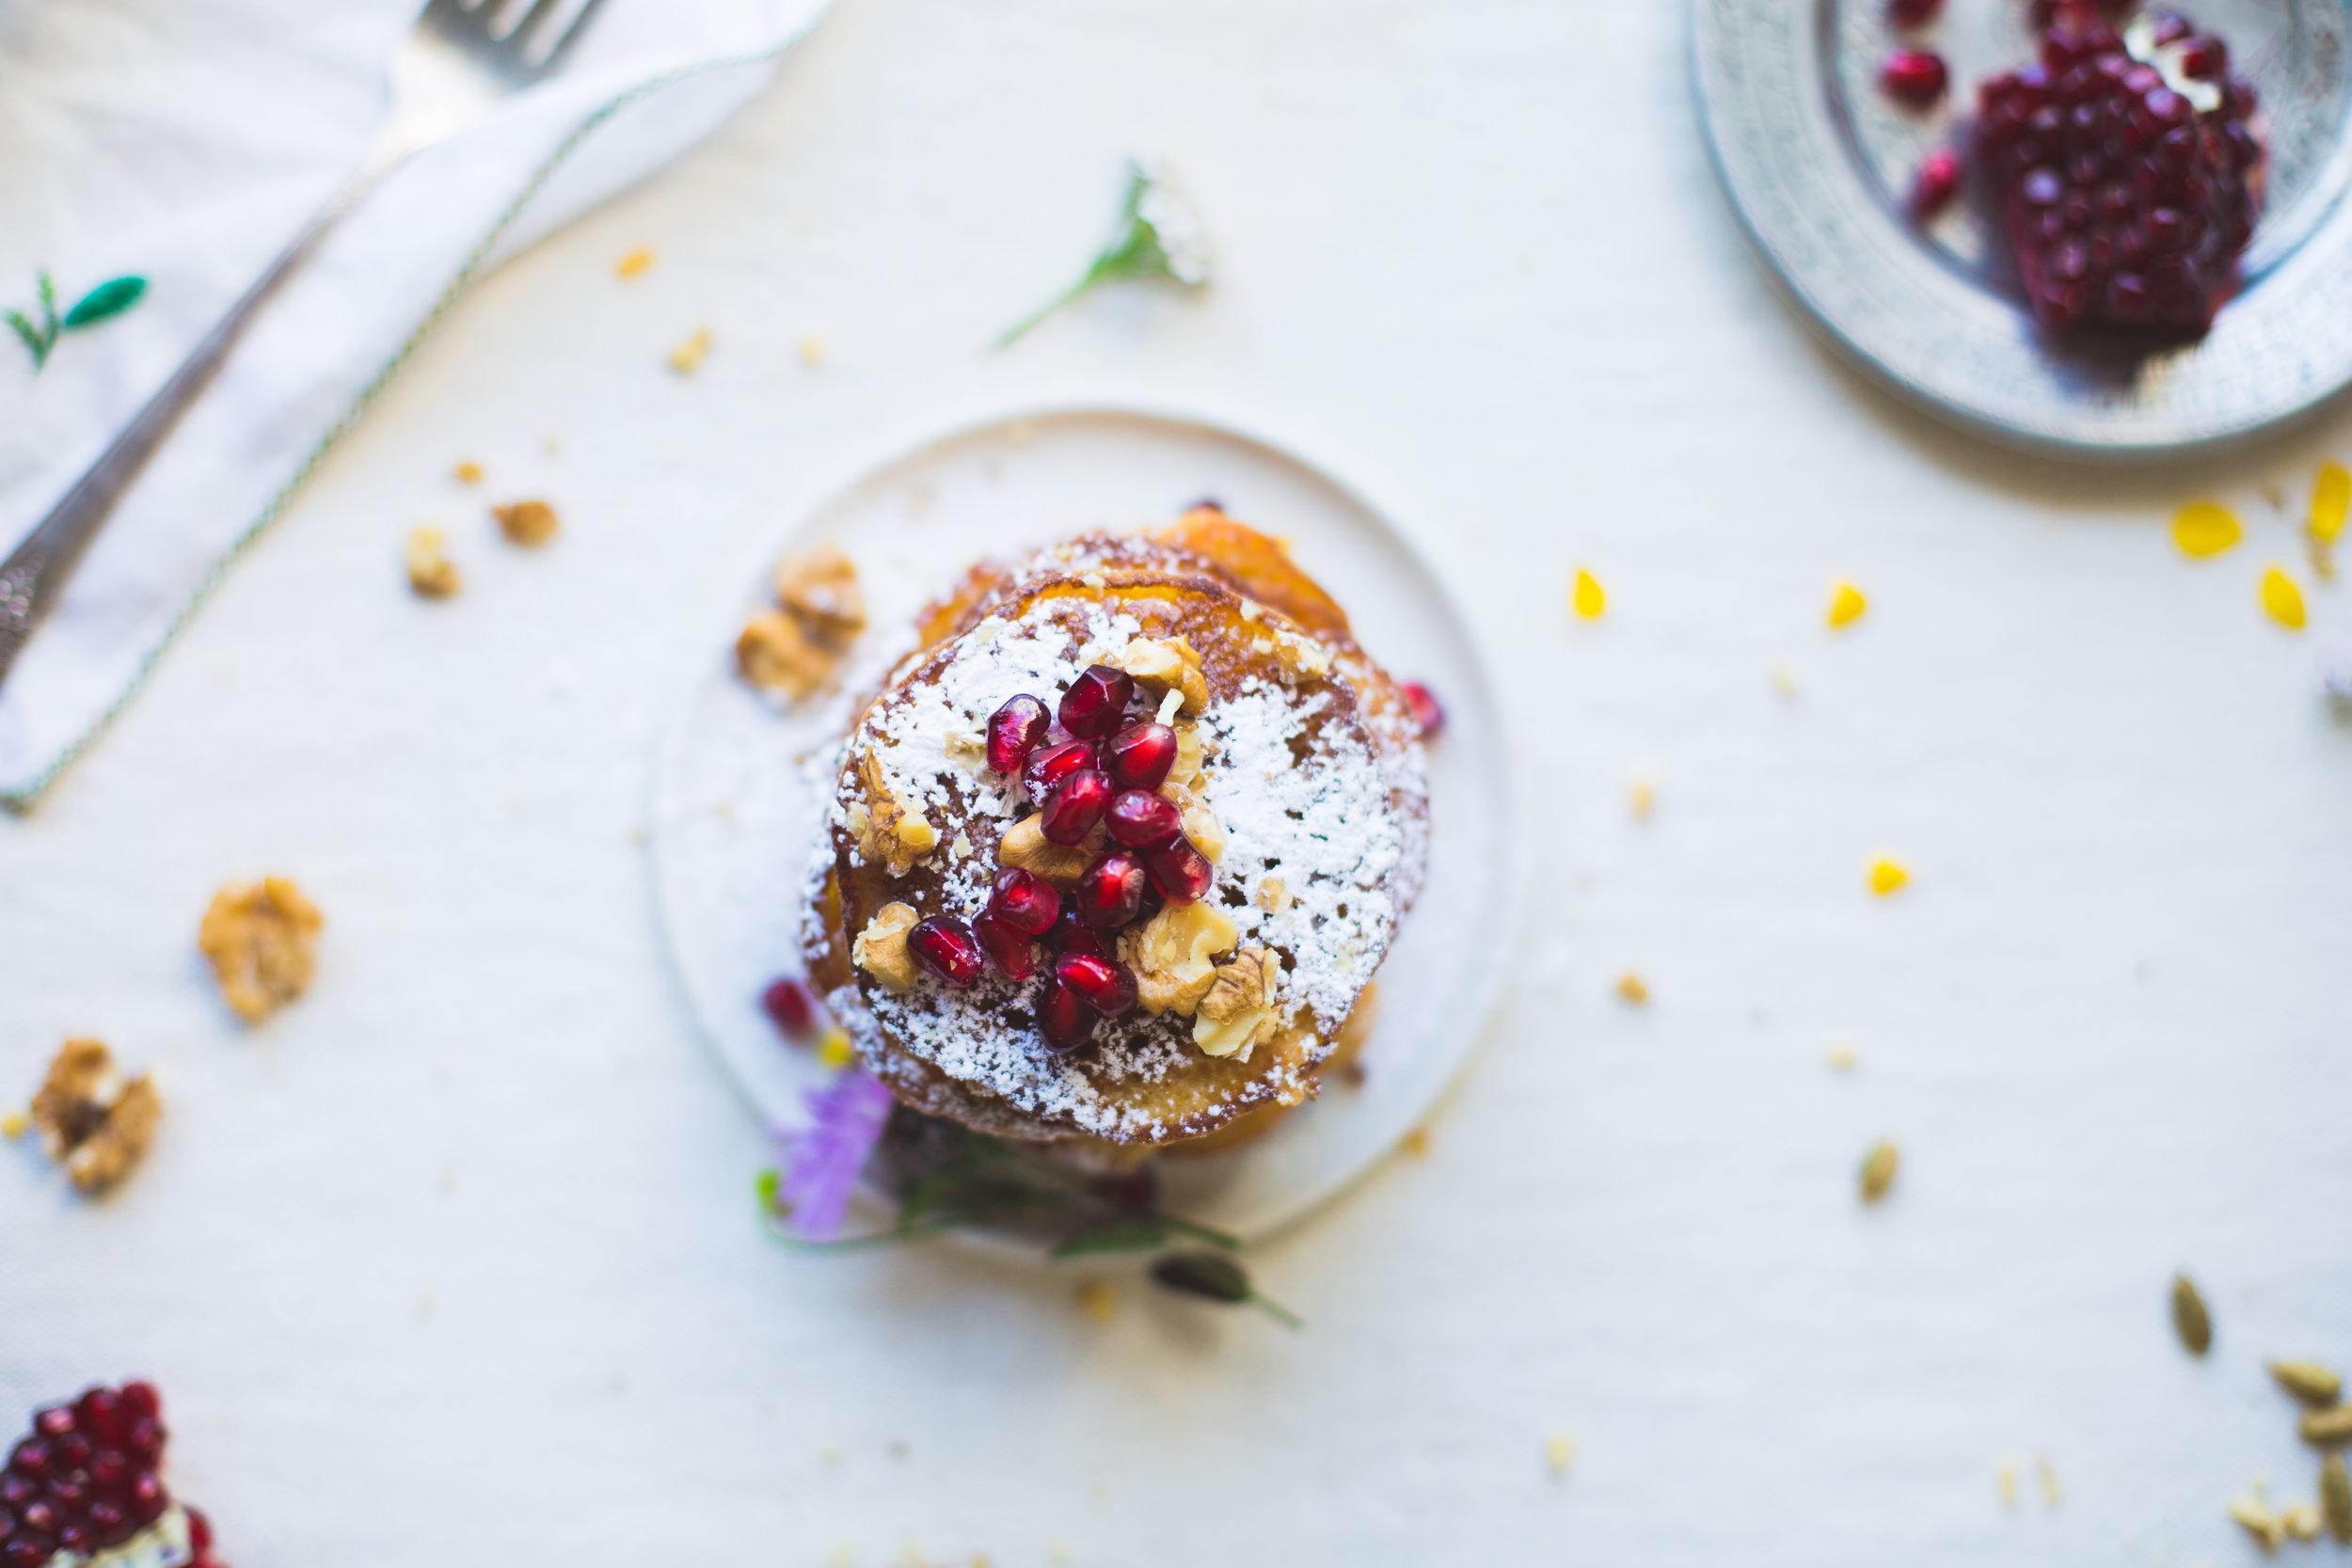 Kooie kaka Northern Iranian Pancake noghlemey